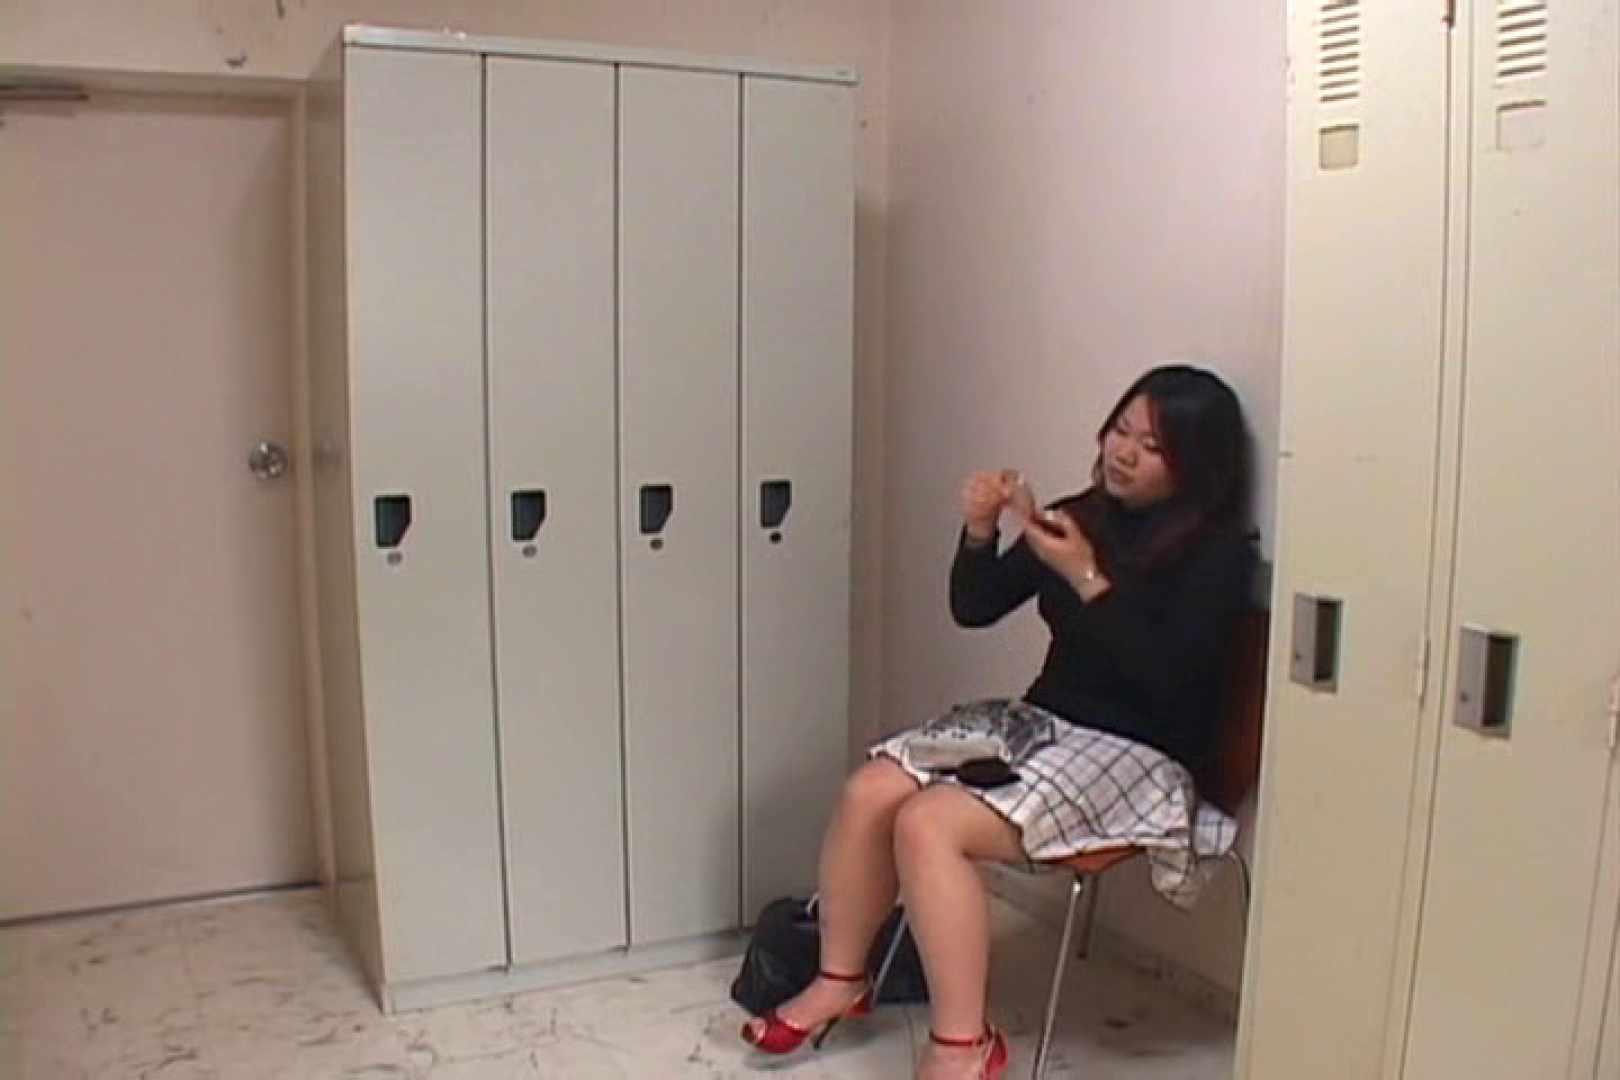 キャバ嬢舞台裏Vol.5 すけべなOL | 盗撮  83画像 41